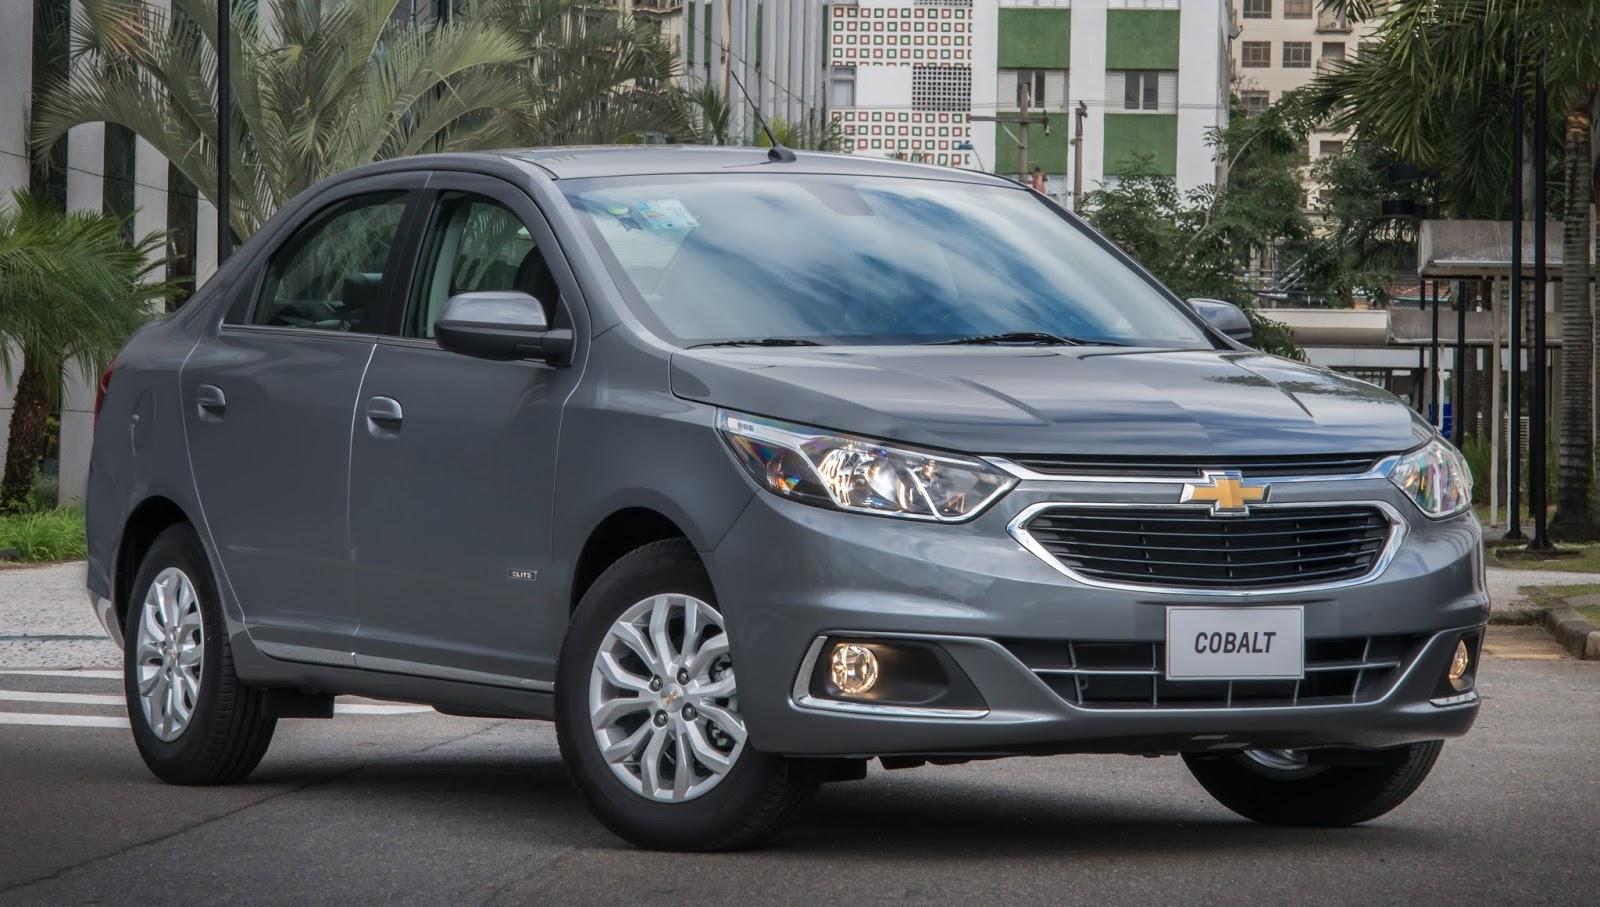 Chevrolet Cobalt 2018 traz novos itens de segurança: fixação ISOFIX para cadeirinhas vem de série